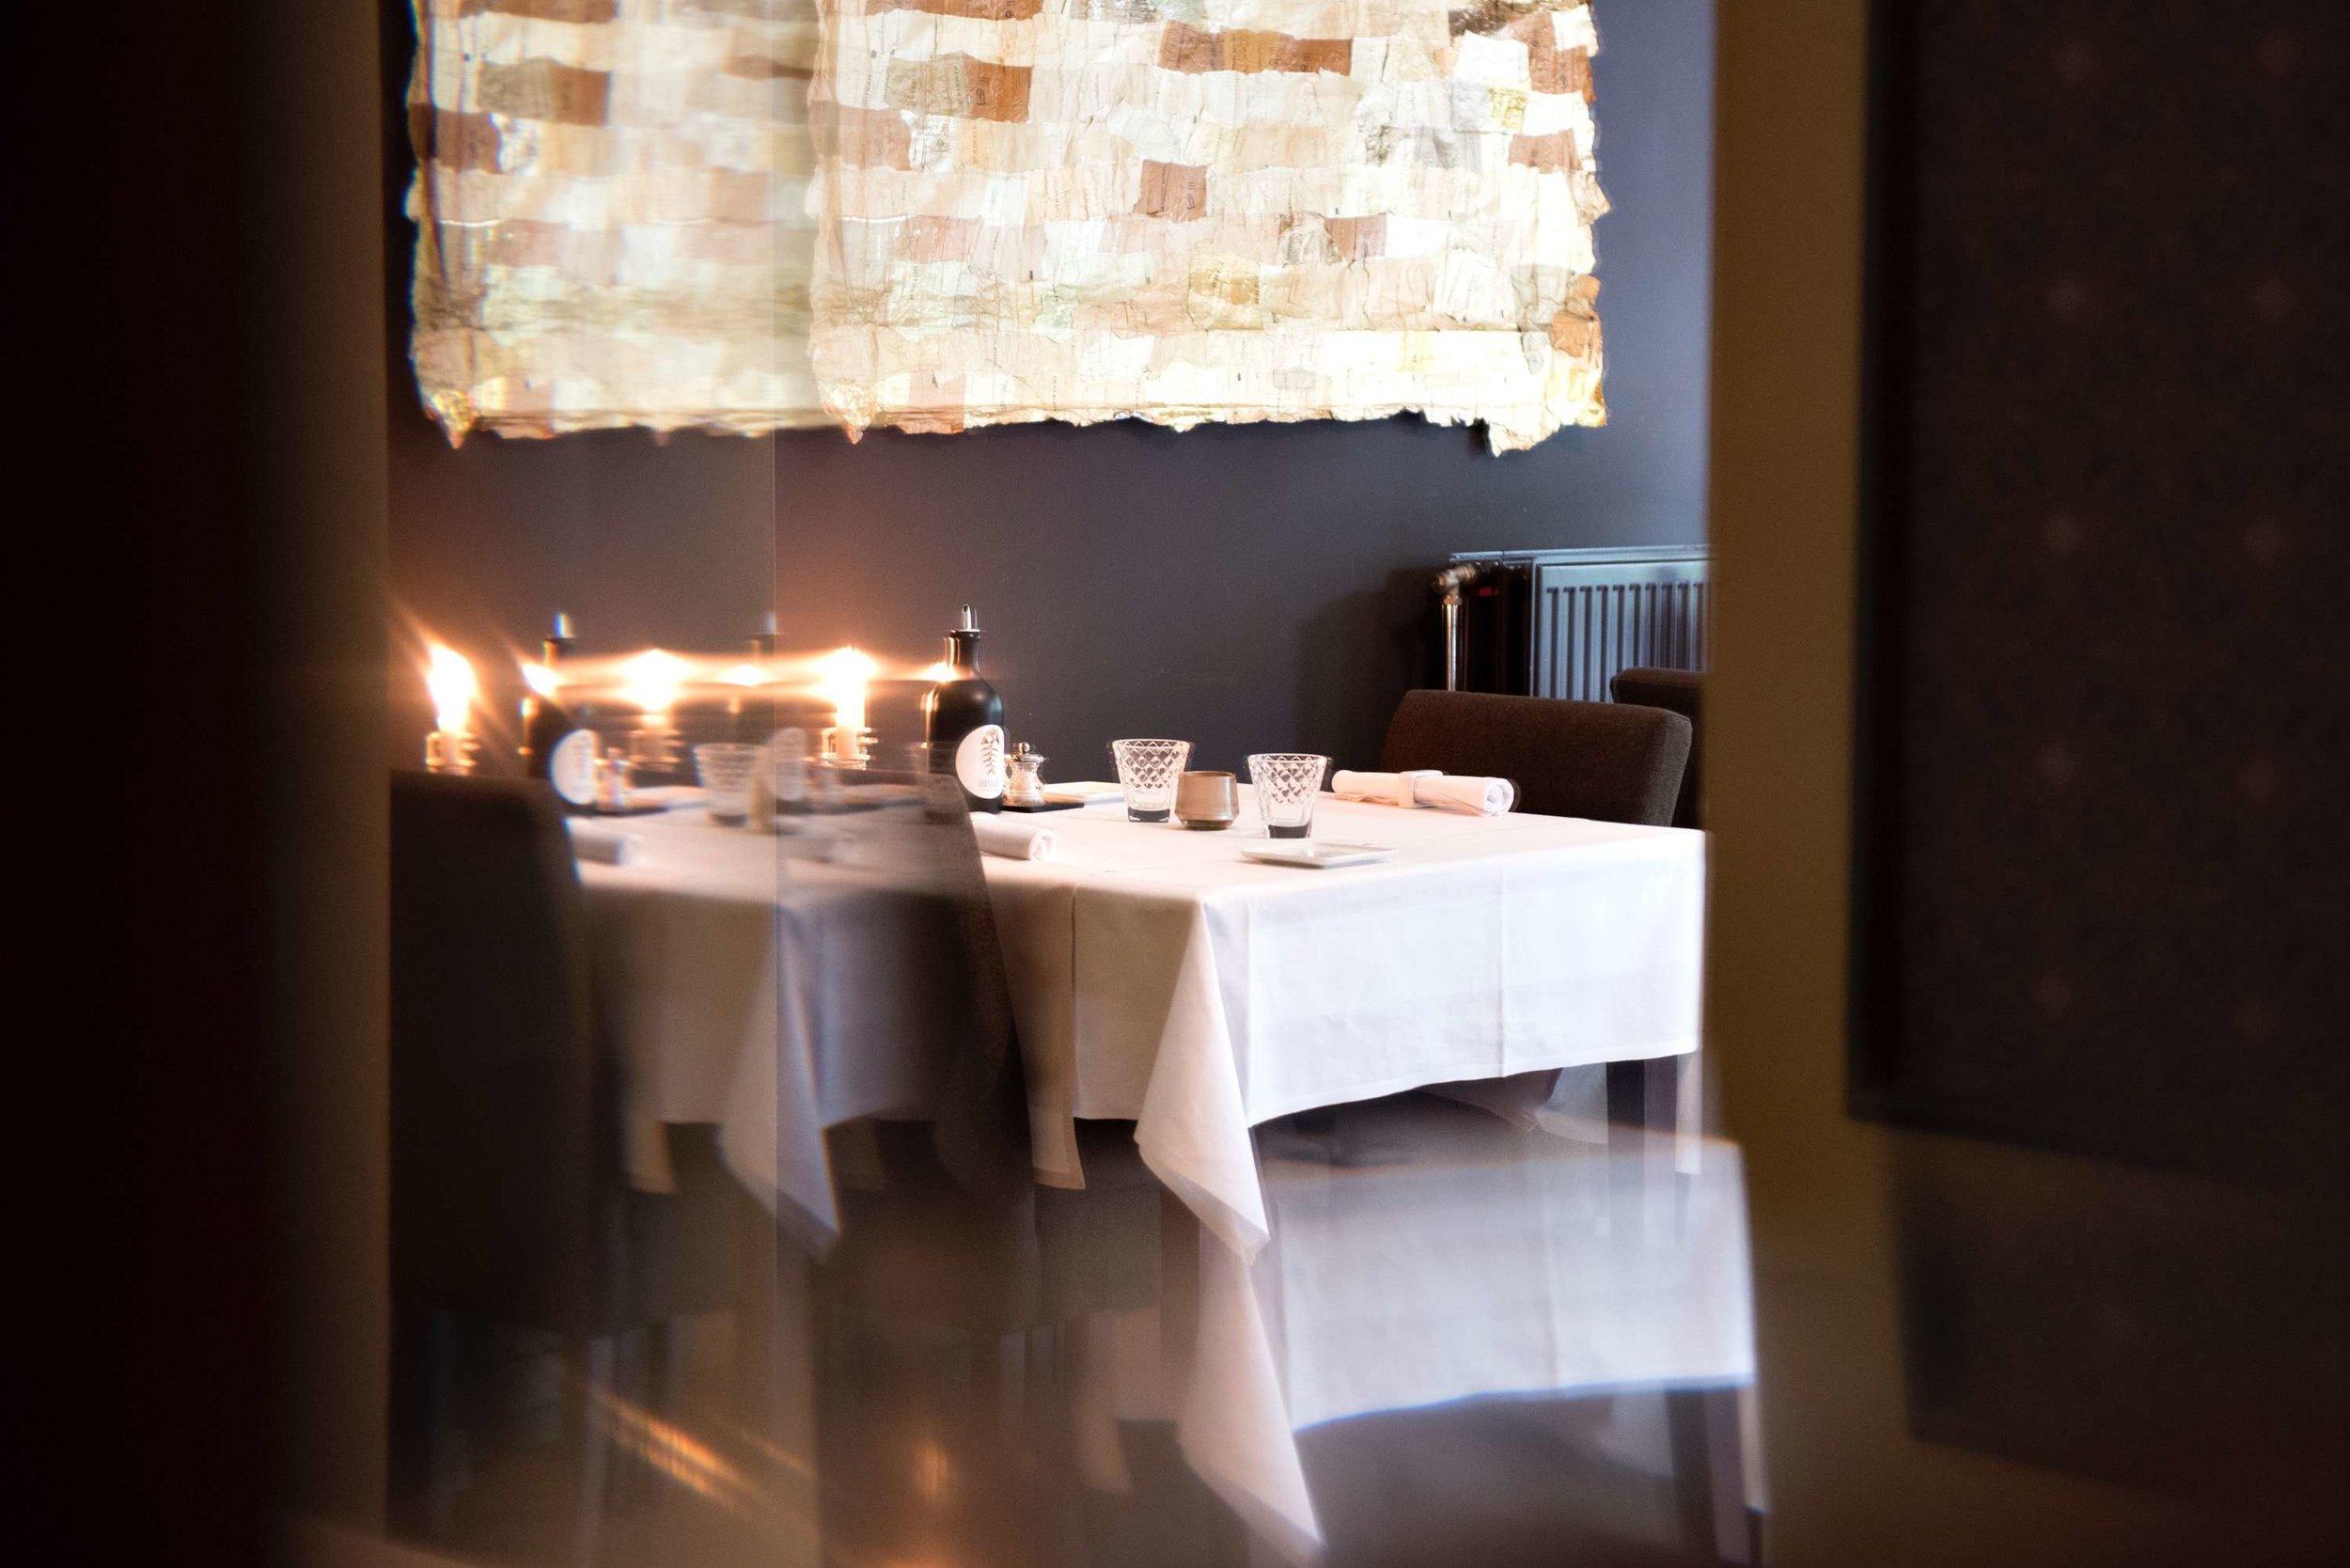 bouffard mol restaurant bart albrecht tablefever 4.jpg